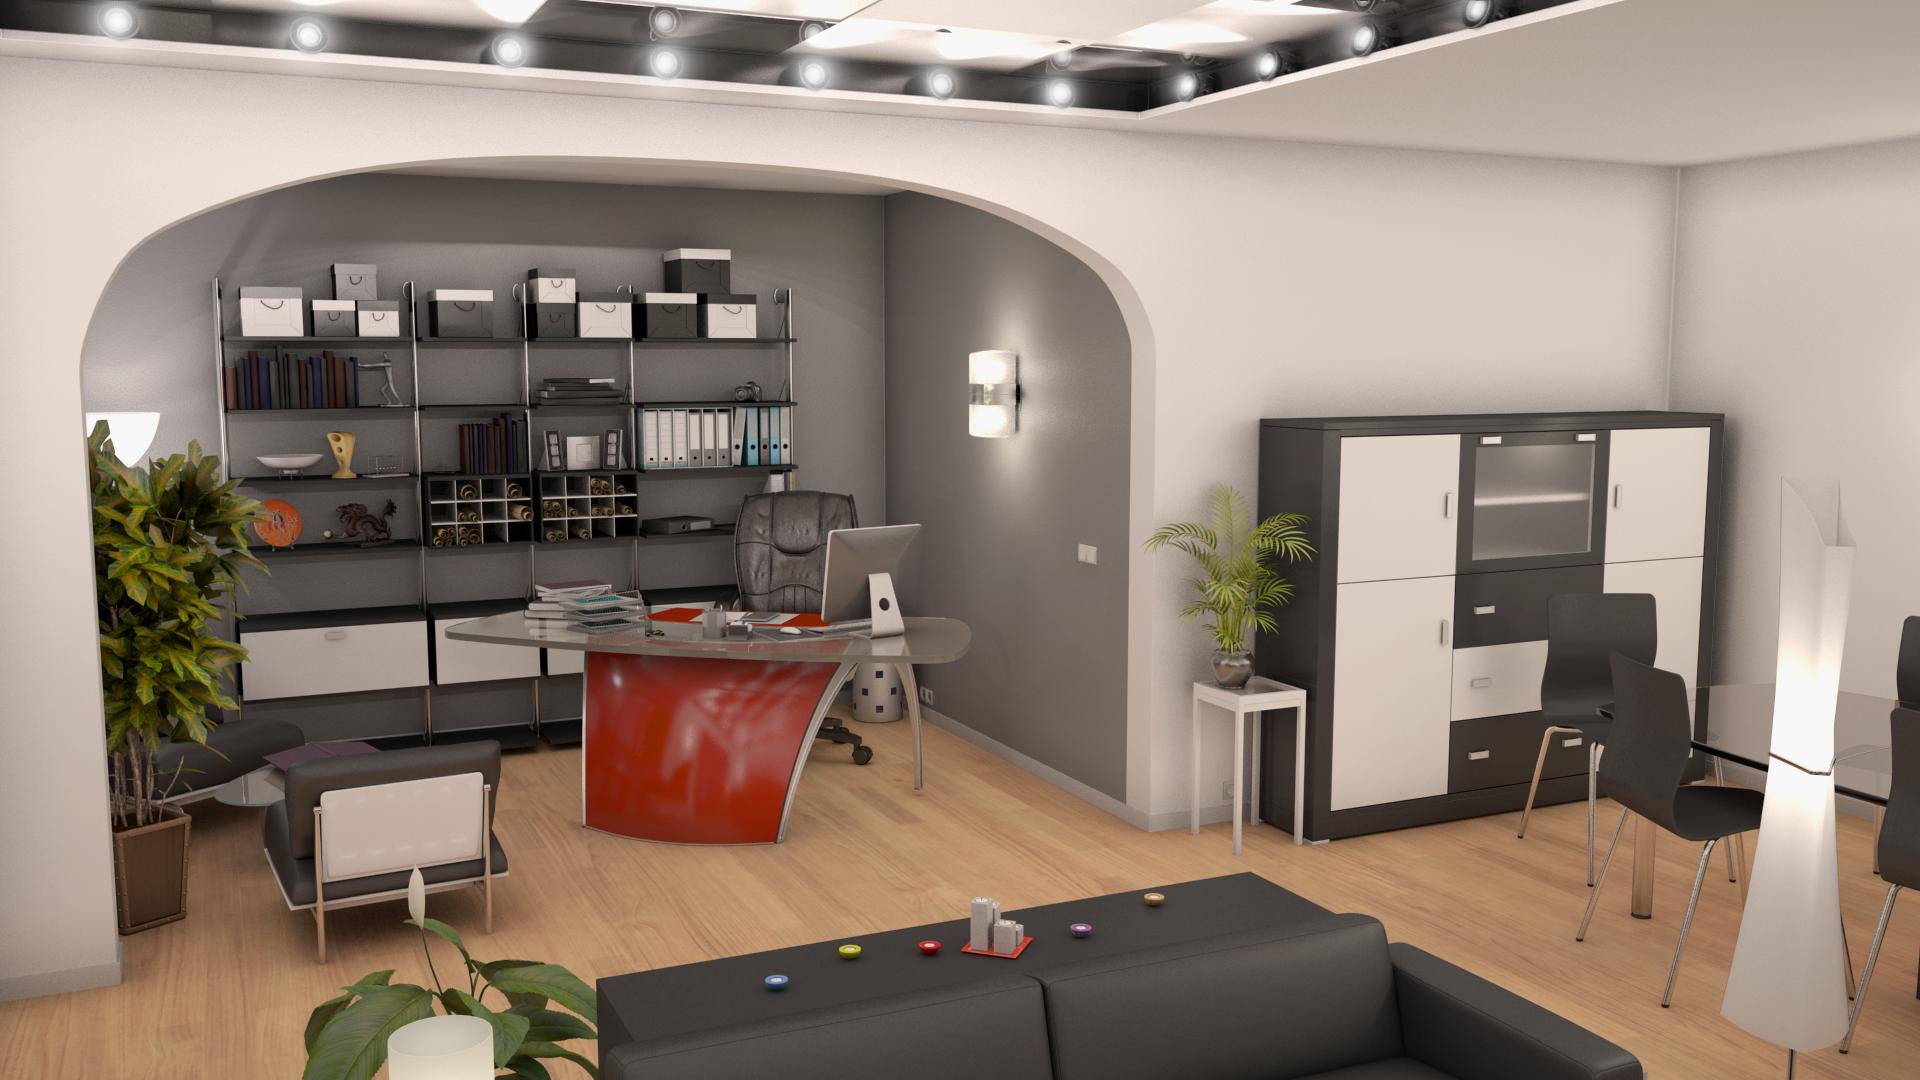 projets infographie 3d pour l architecture le bim 2016 2017 licence professionnelle. Black Bedroom Furniture Sets. Home Design Ideas